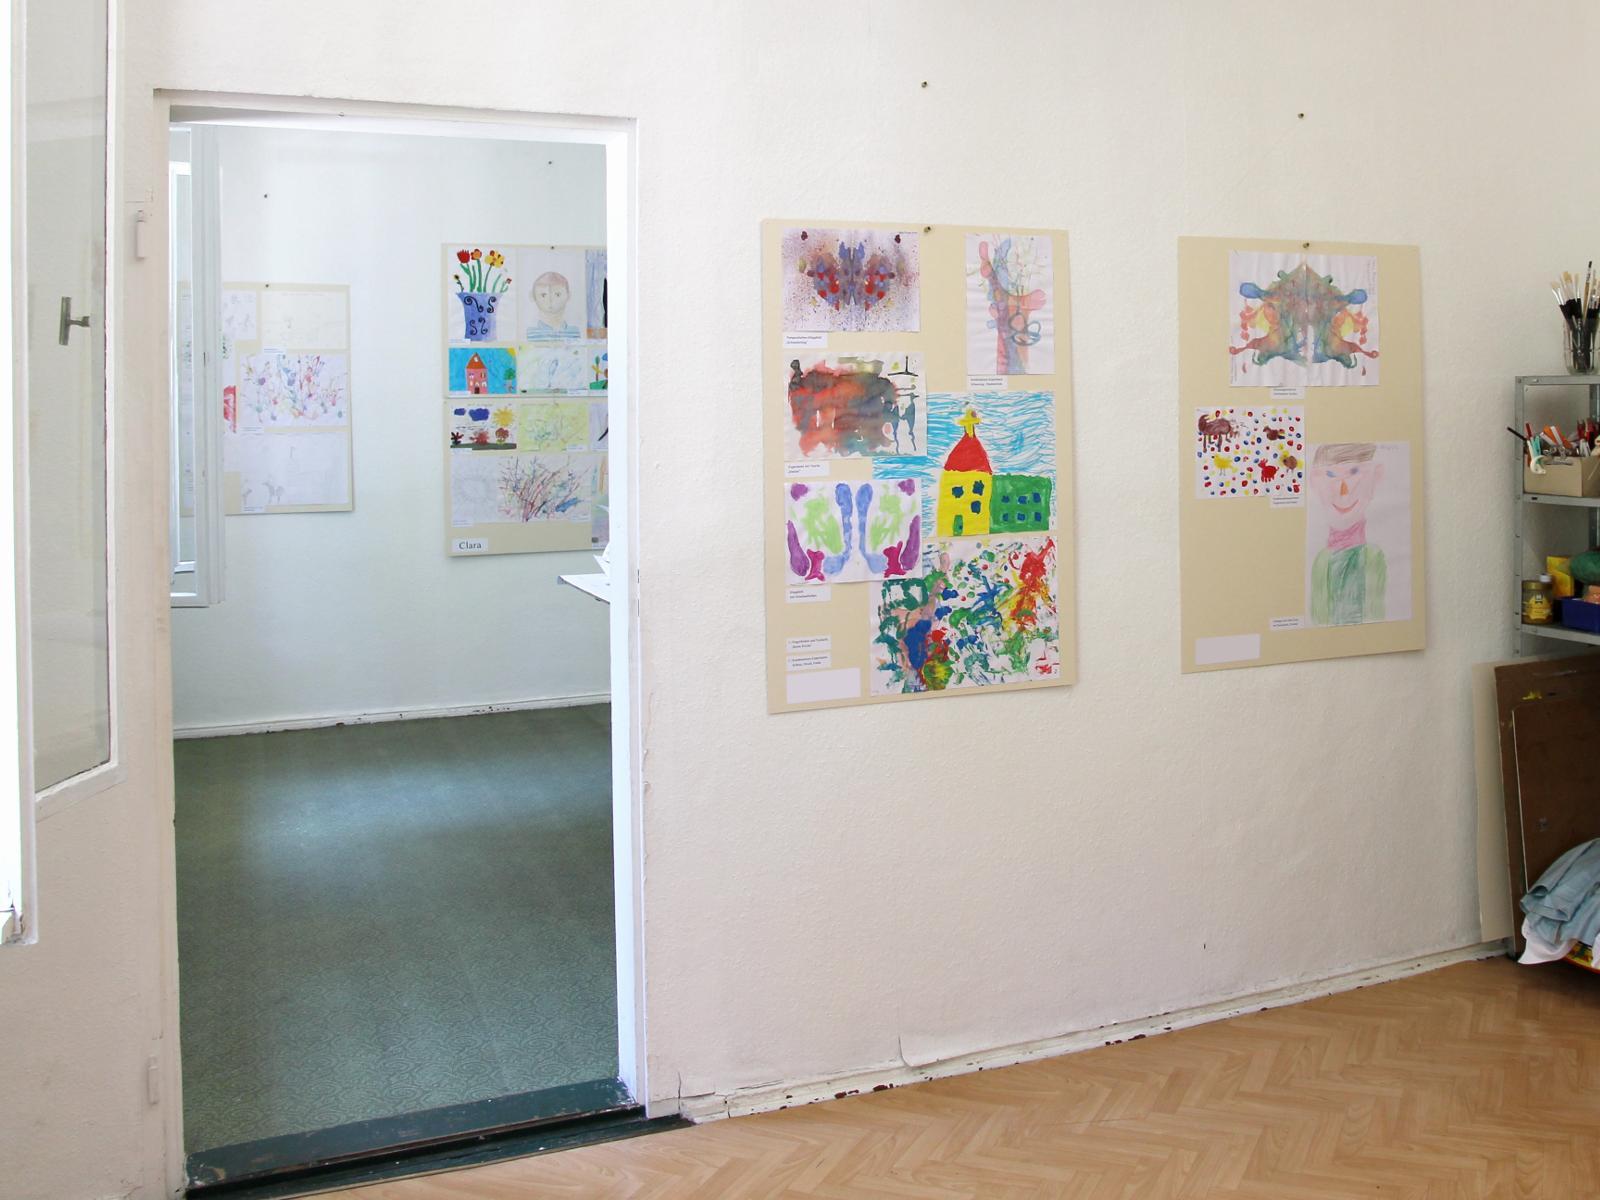 Kunstgespuer Kinderatelier-Ausstellung Betrachtungen 01 Raum 1